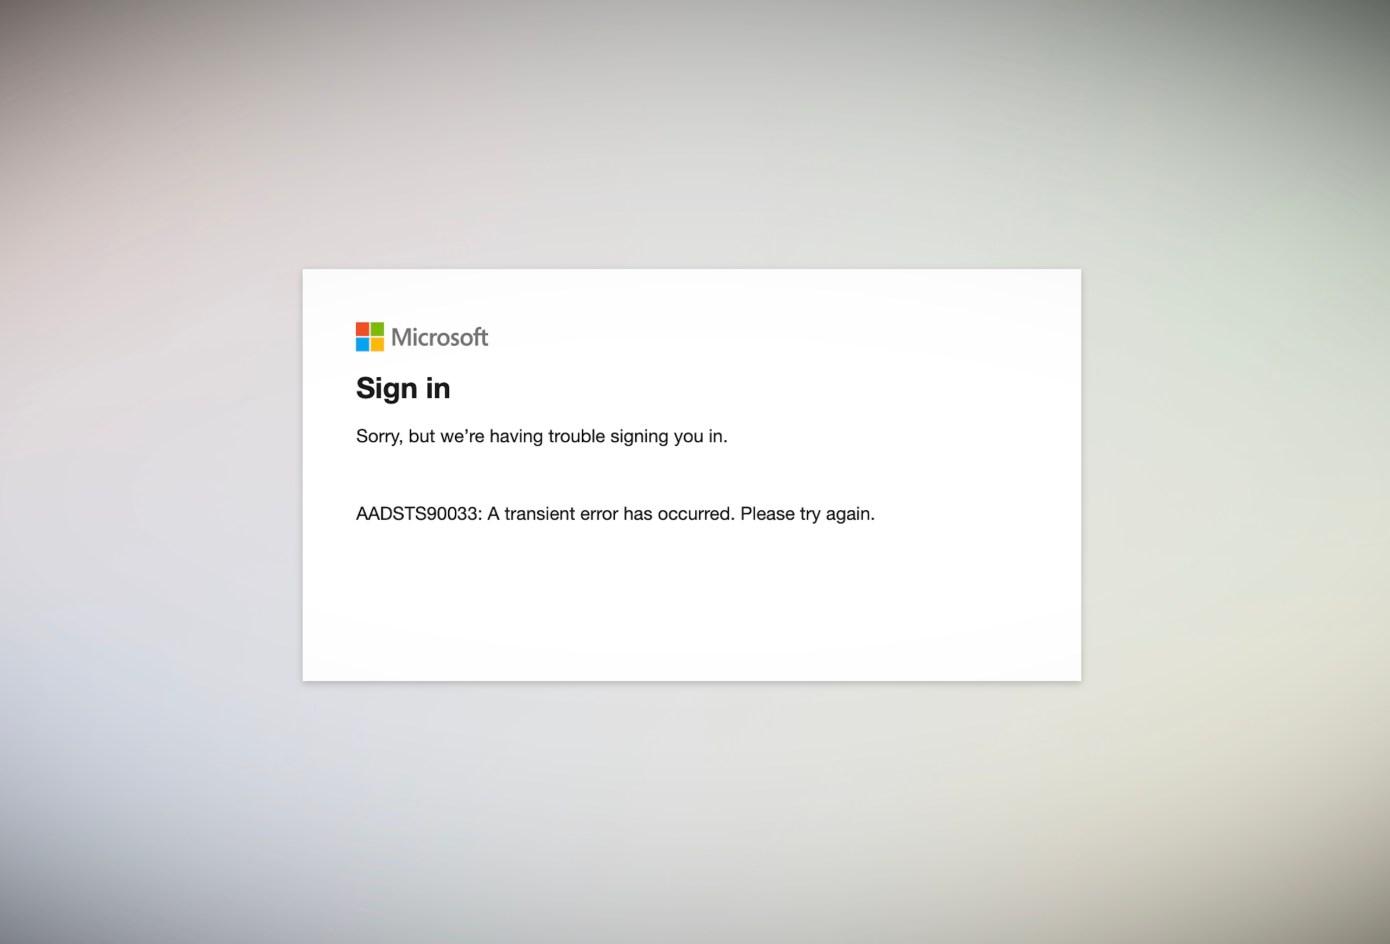 Une panne de Microsoft empêche les utilisateurs d'accéder à Office, Outlook, Teams 1